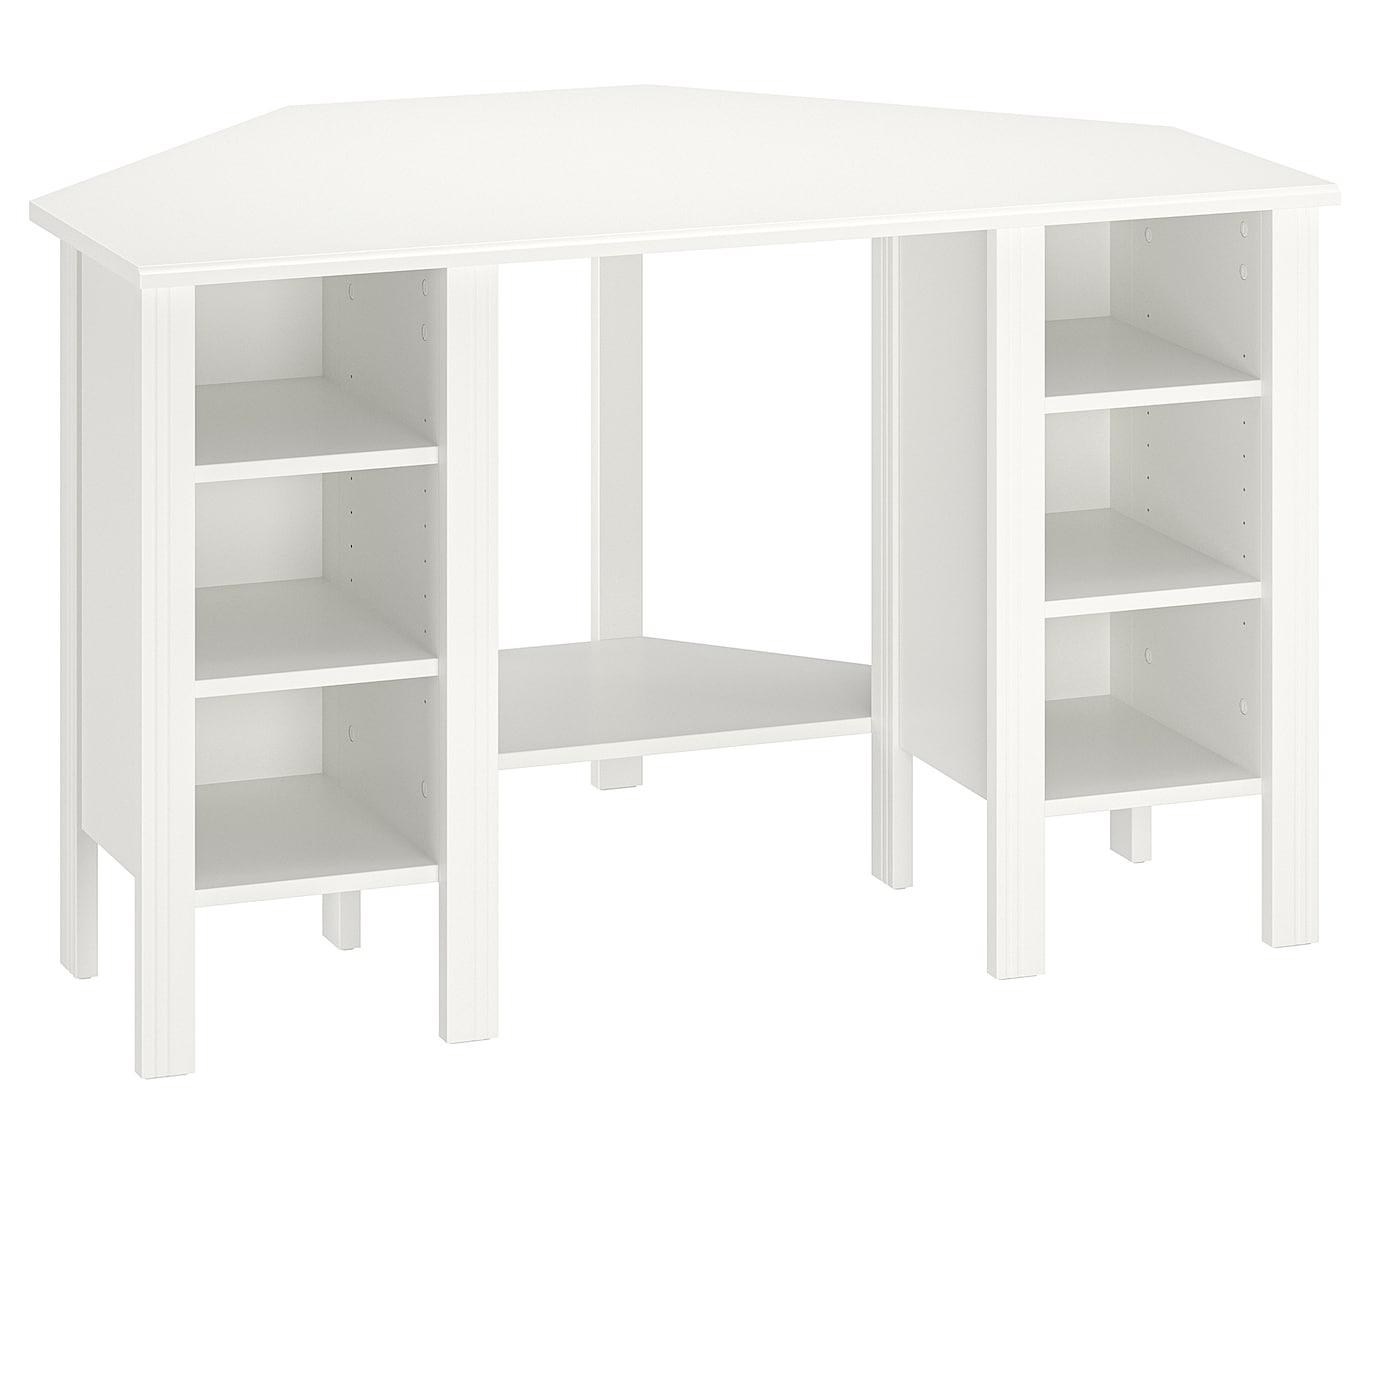 BRUSALI Eckschreibtisch - weiß 120x73 cm